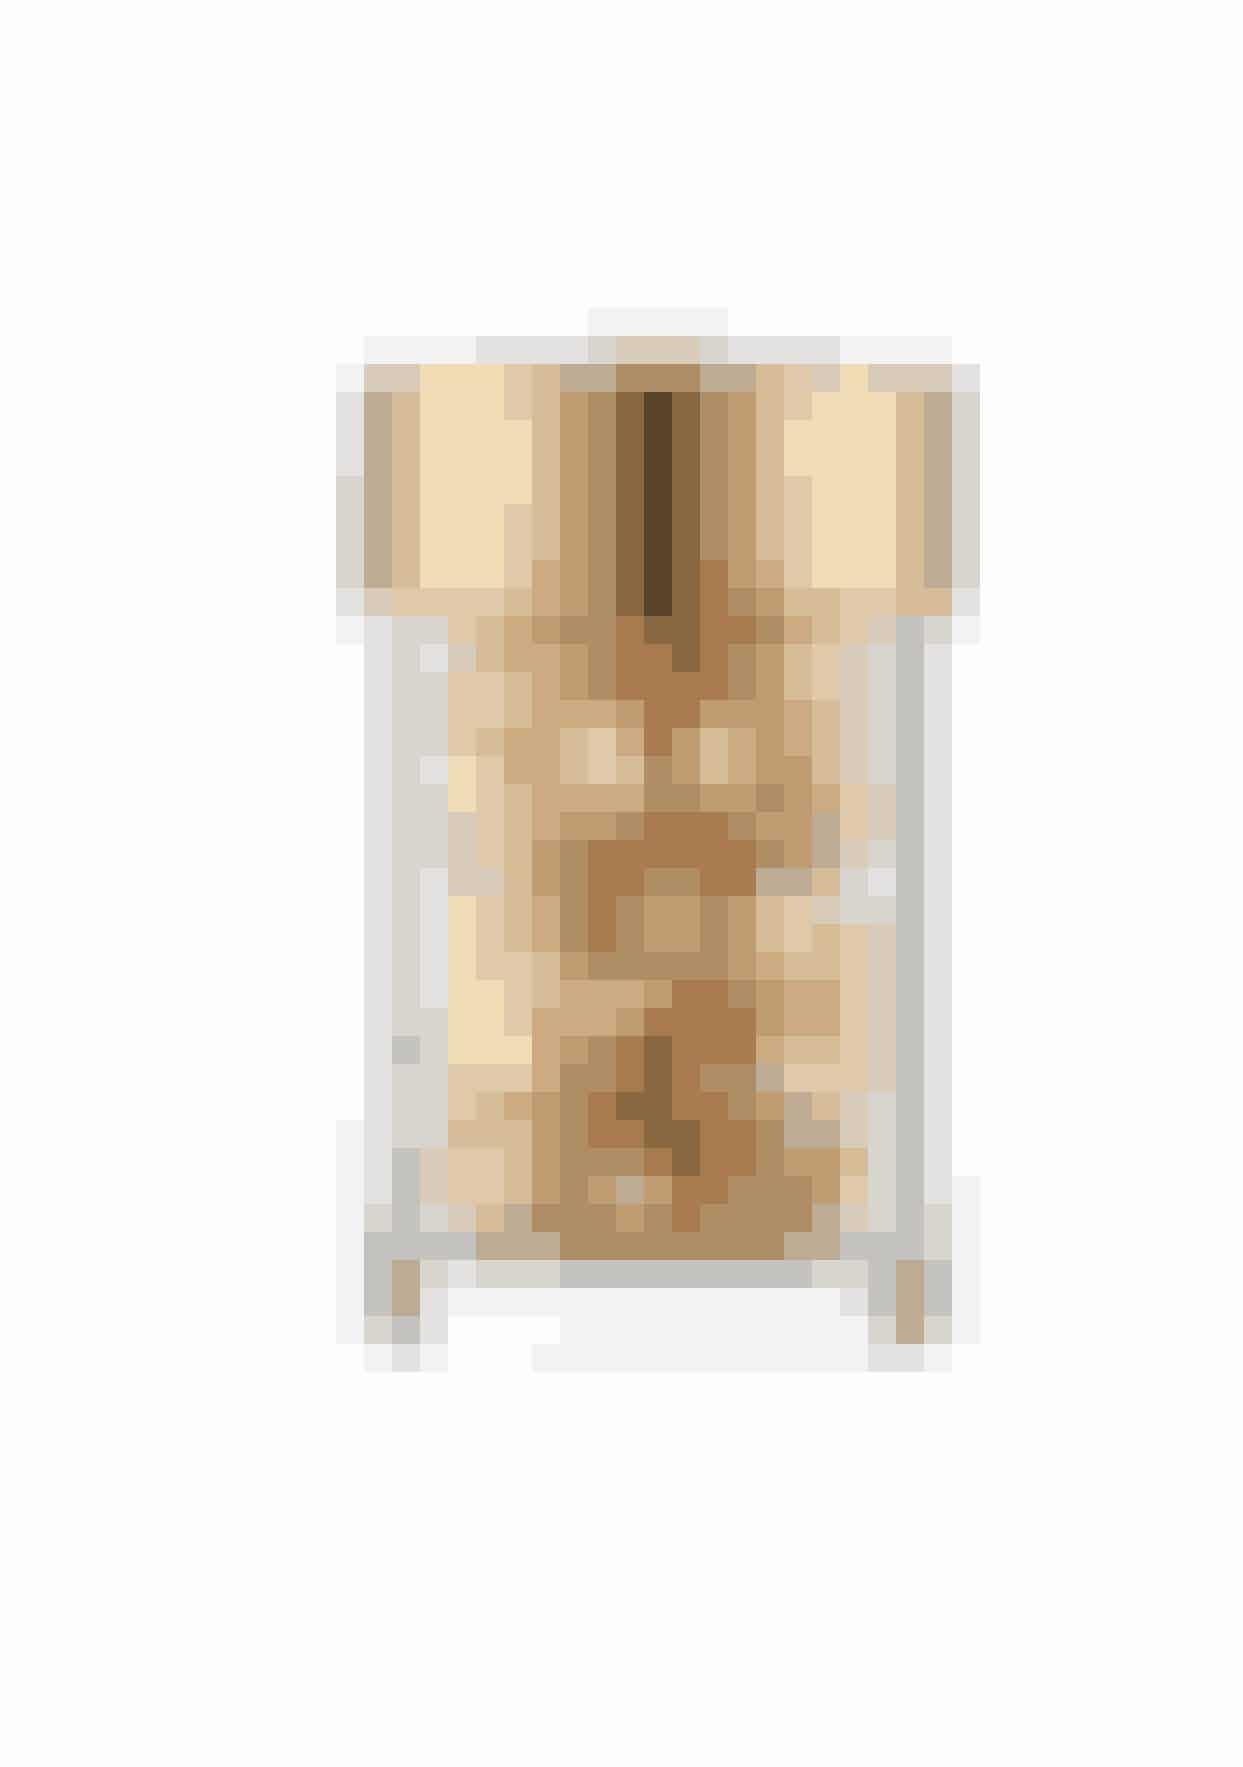 CeramiderFor at styrke hudens barriere, som bl.a. betyder at holde den fugtig og sørge for at snavs og forurening ikke trænger ind i huden, er ceramider en rigtig god ingrediens i din hudplejerutine. Den hjælper med at glatte huden og gør den fast og fyldig samtidig med, at den giver huden en sund og 'glowy' farve.Advanced Ceramide Capsules, Elizabeth Arden, 415 kr., køb HER.